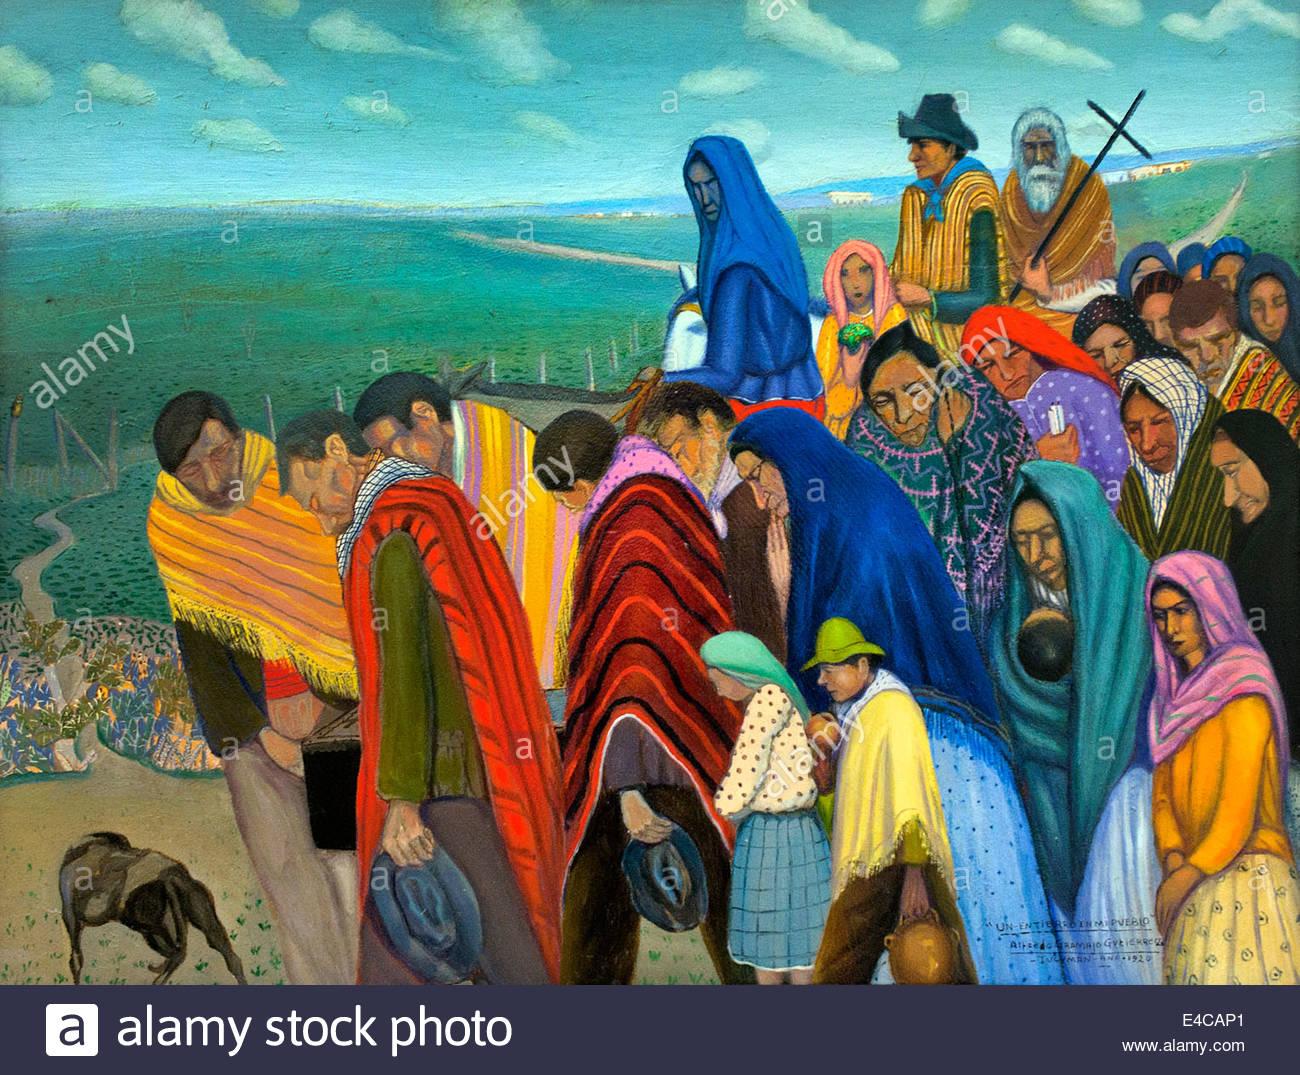 Un entierro en mi pueblo 1920 A funeral in my village1920 Gramajo Alfredo Gutiérrez 1893 - 1961 painter Argentine - Stock Image